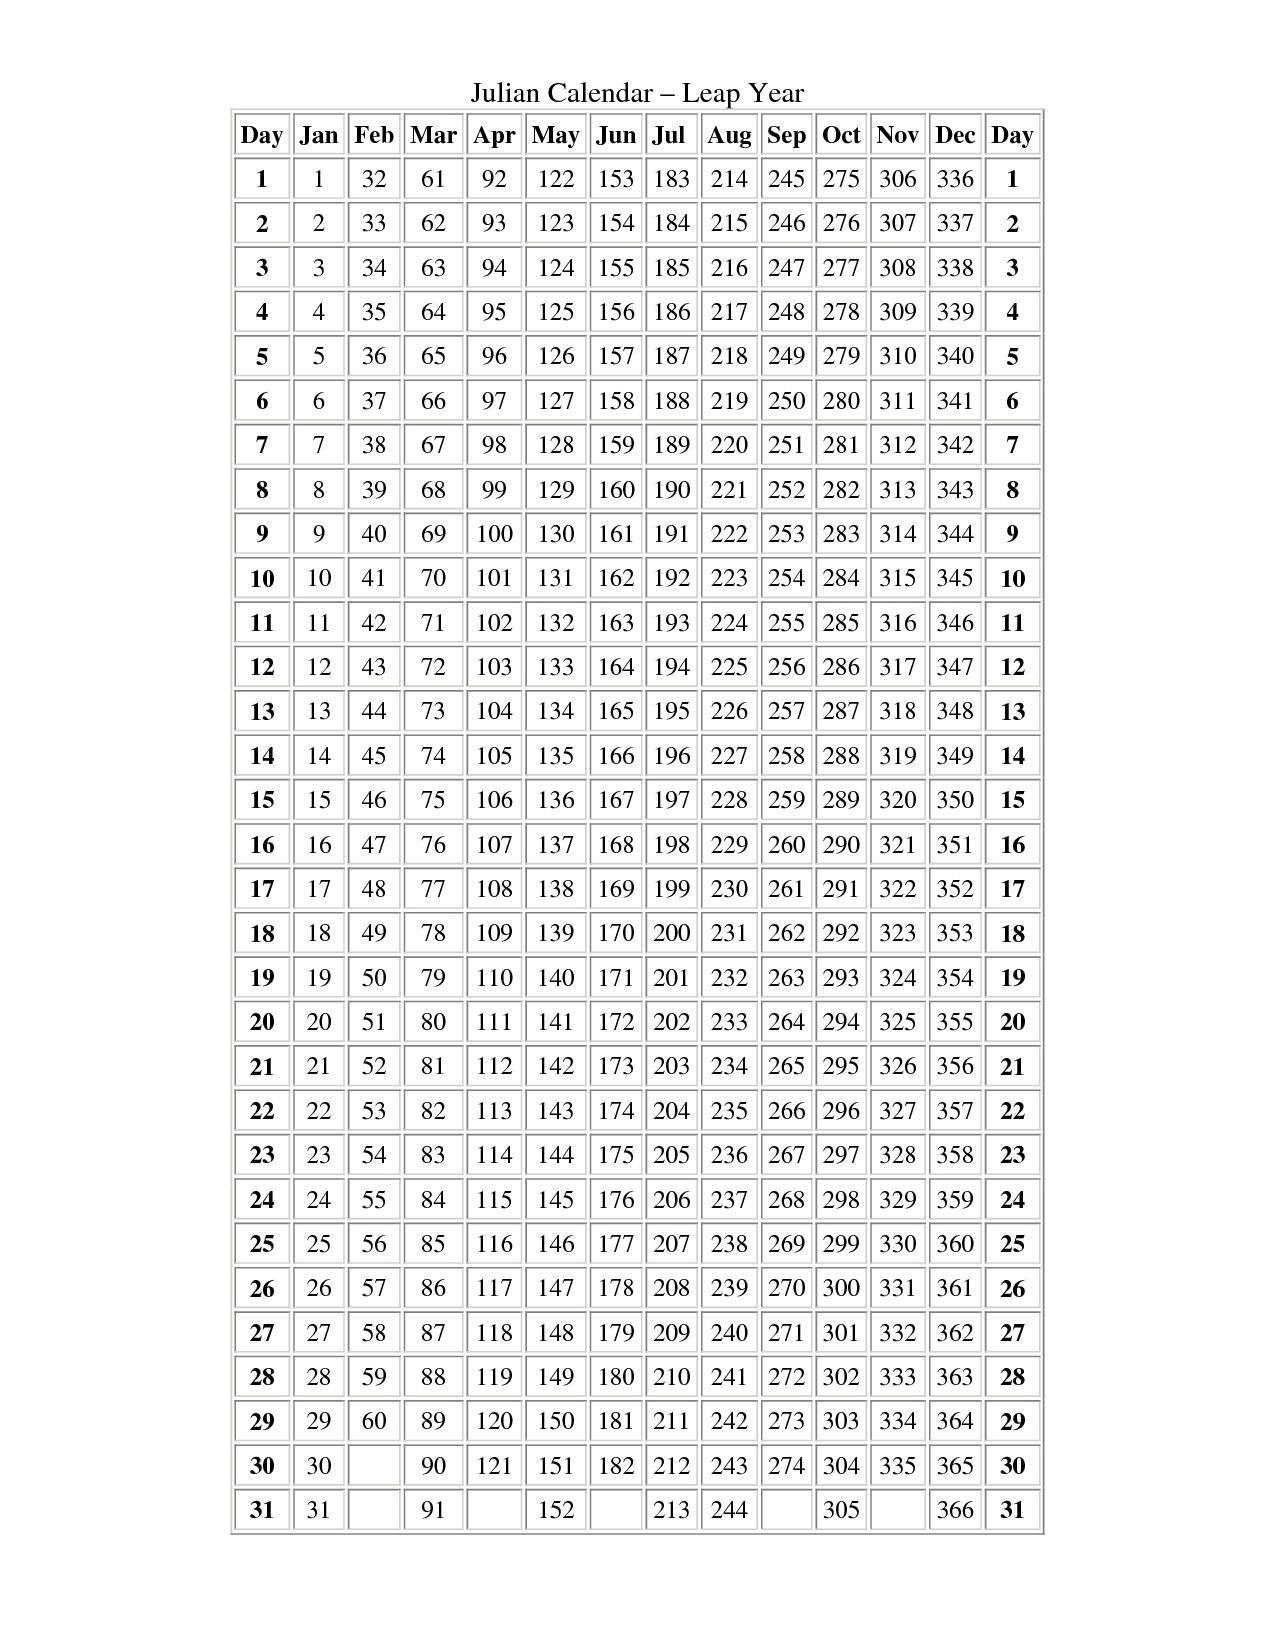 Non Leap Year Julian Calendar | Example Calendar Printable with regard to Julian Leap Year Calendar